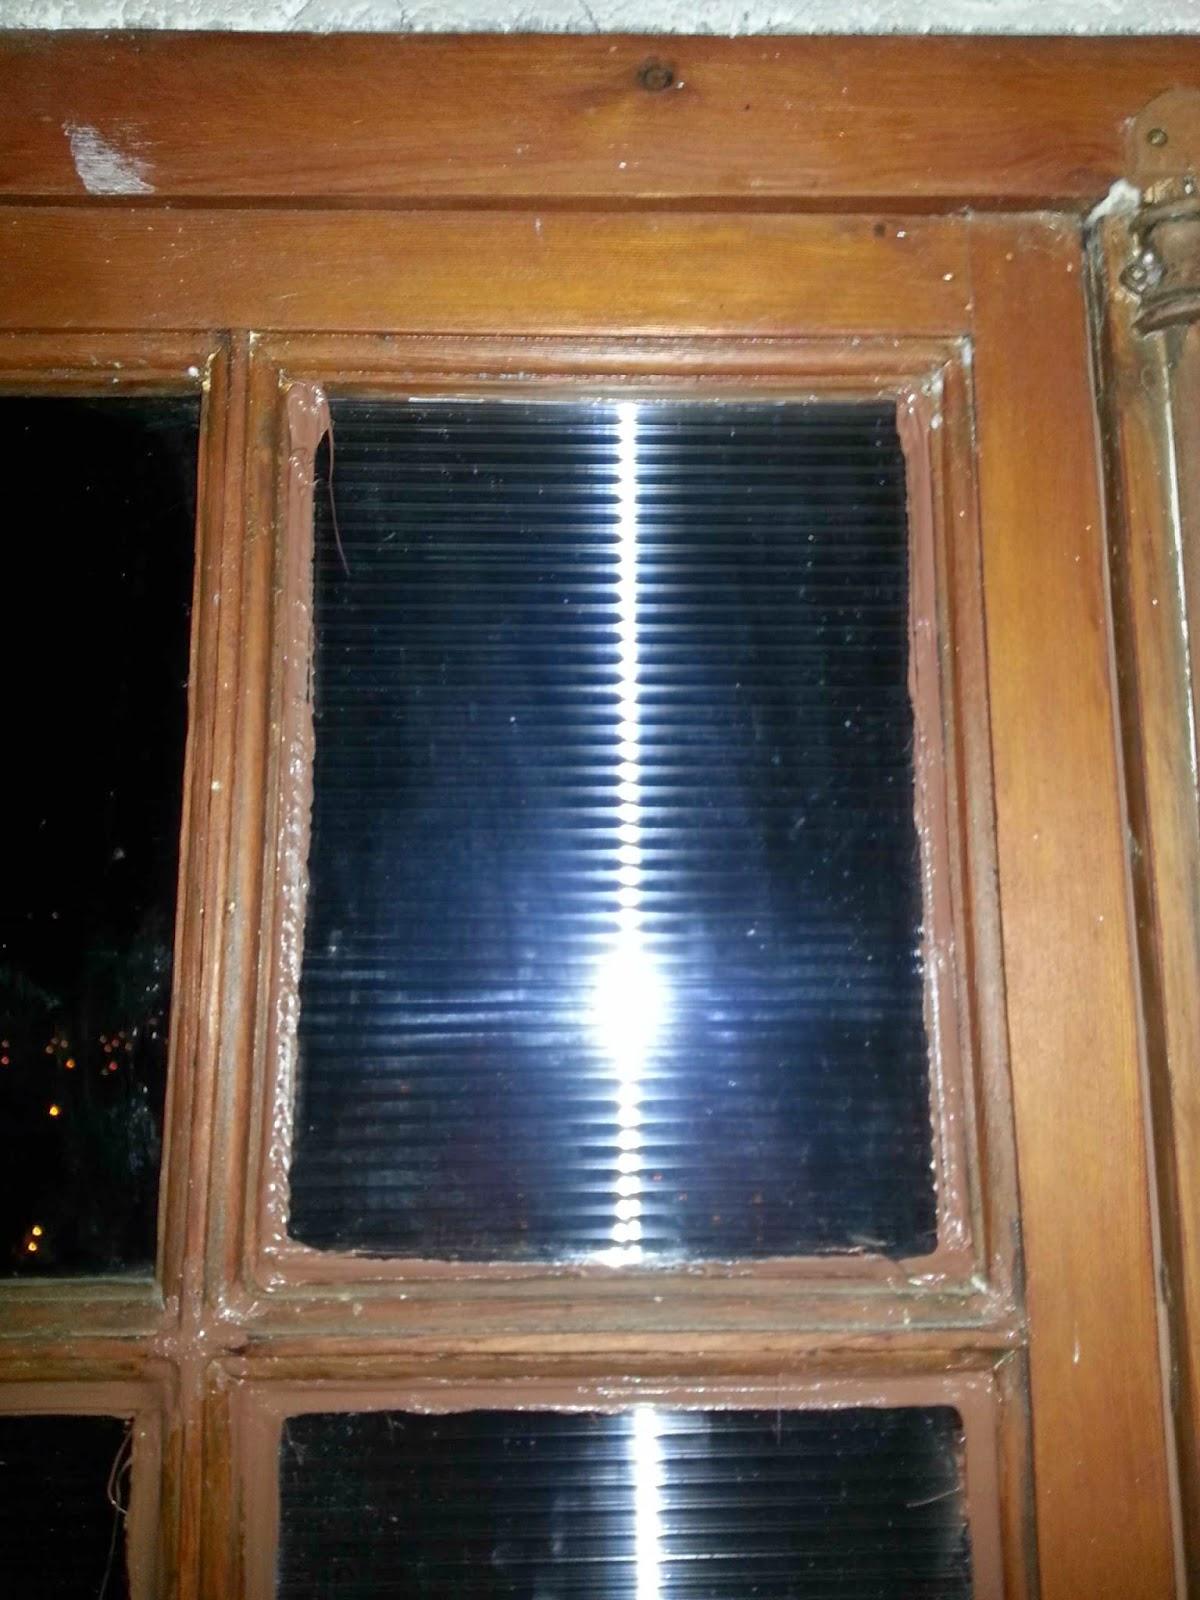 Tecnolog a para un progreso sostenible c mo mejorar el - Mejores ventanas aislantes ...